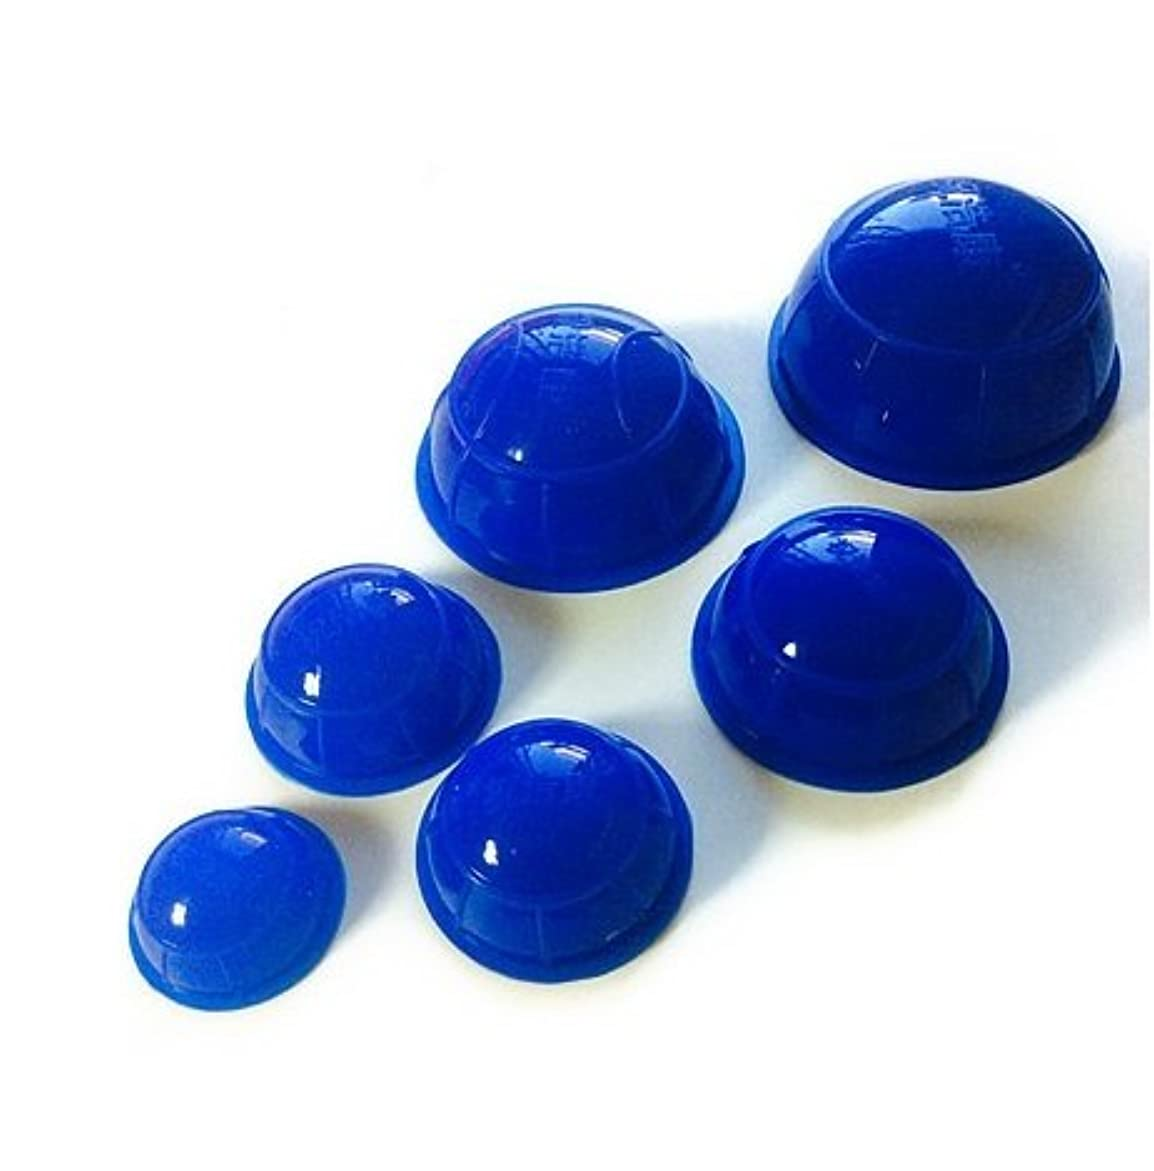 ジェットひそかにお客様簡易 吸い玉6個セット ブルー 大中小5種類の大きさ